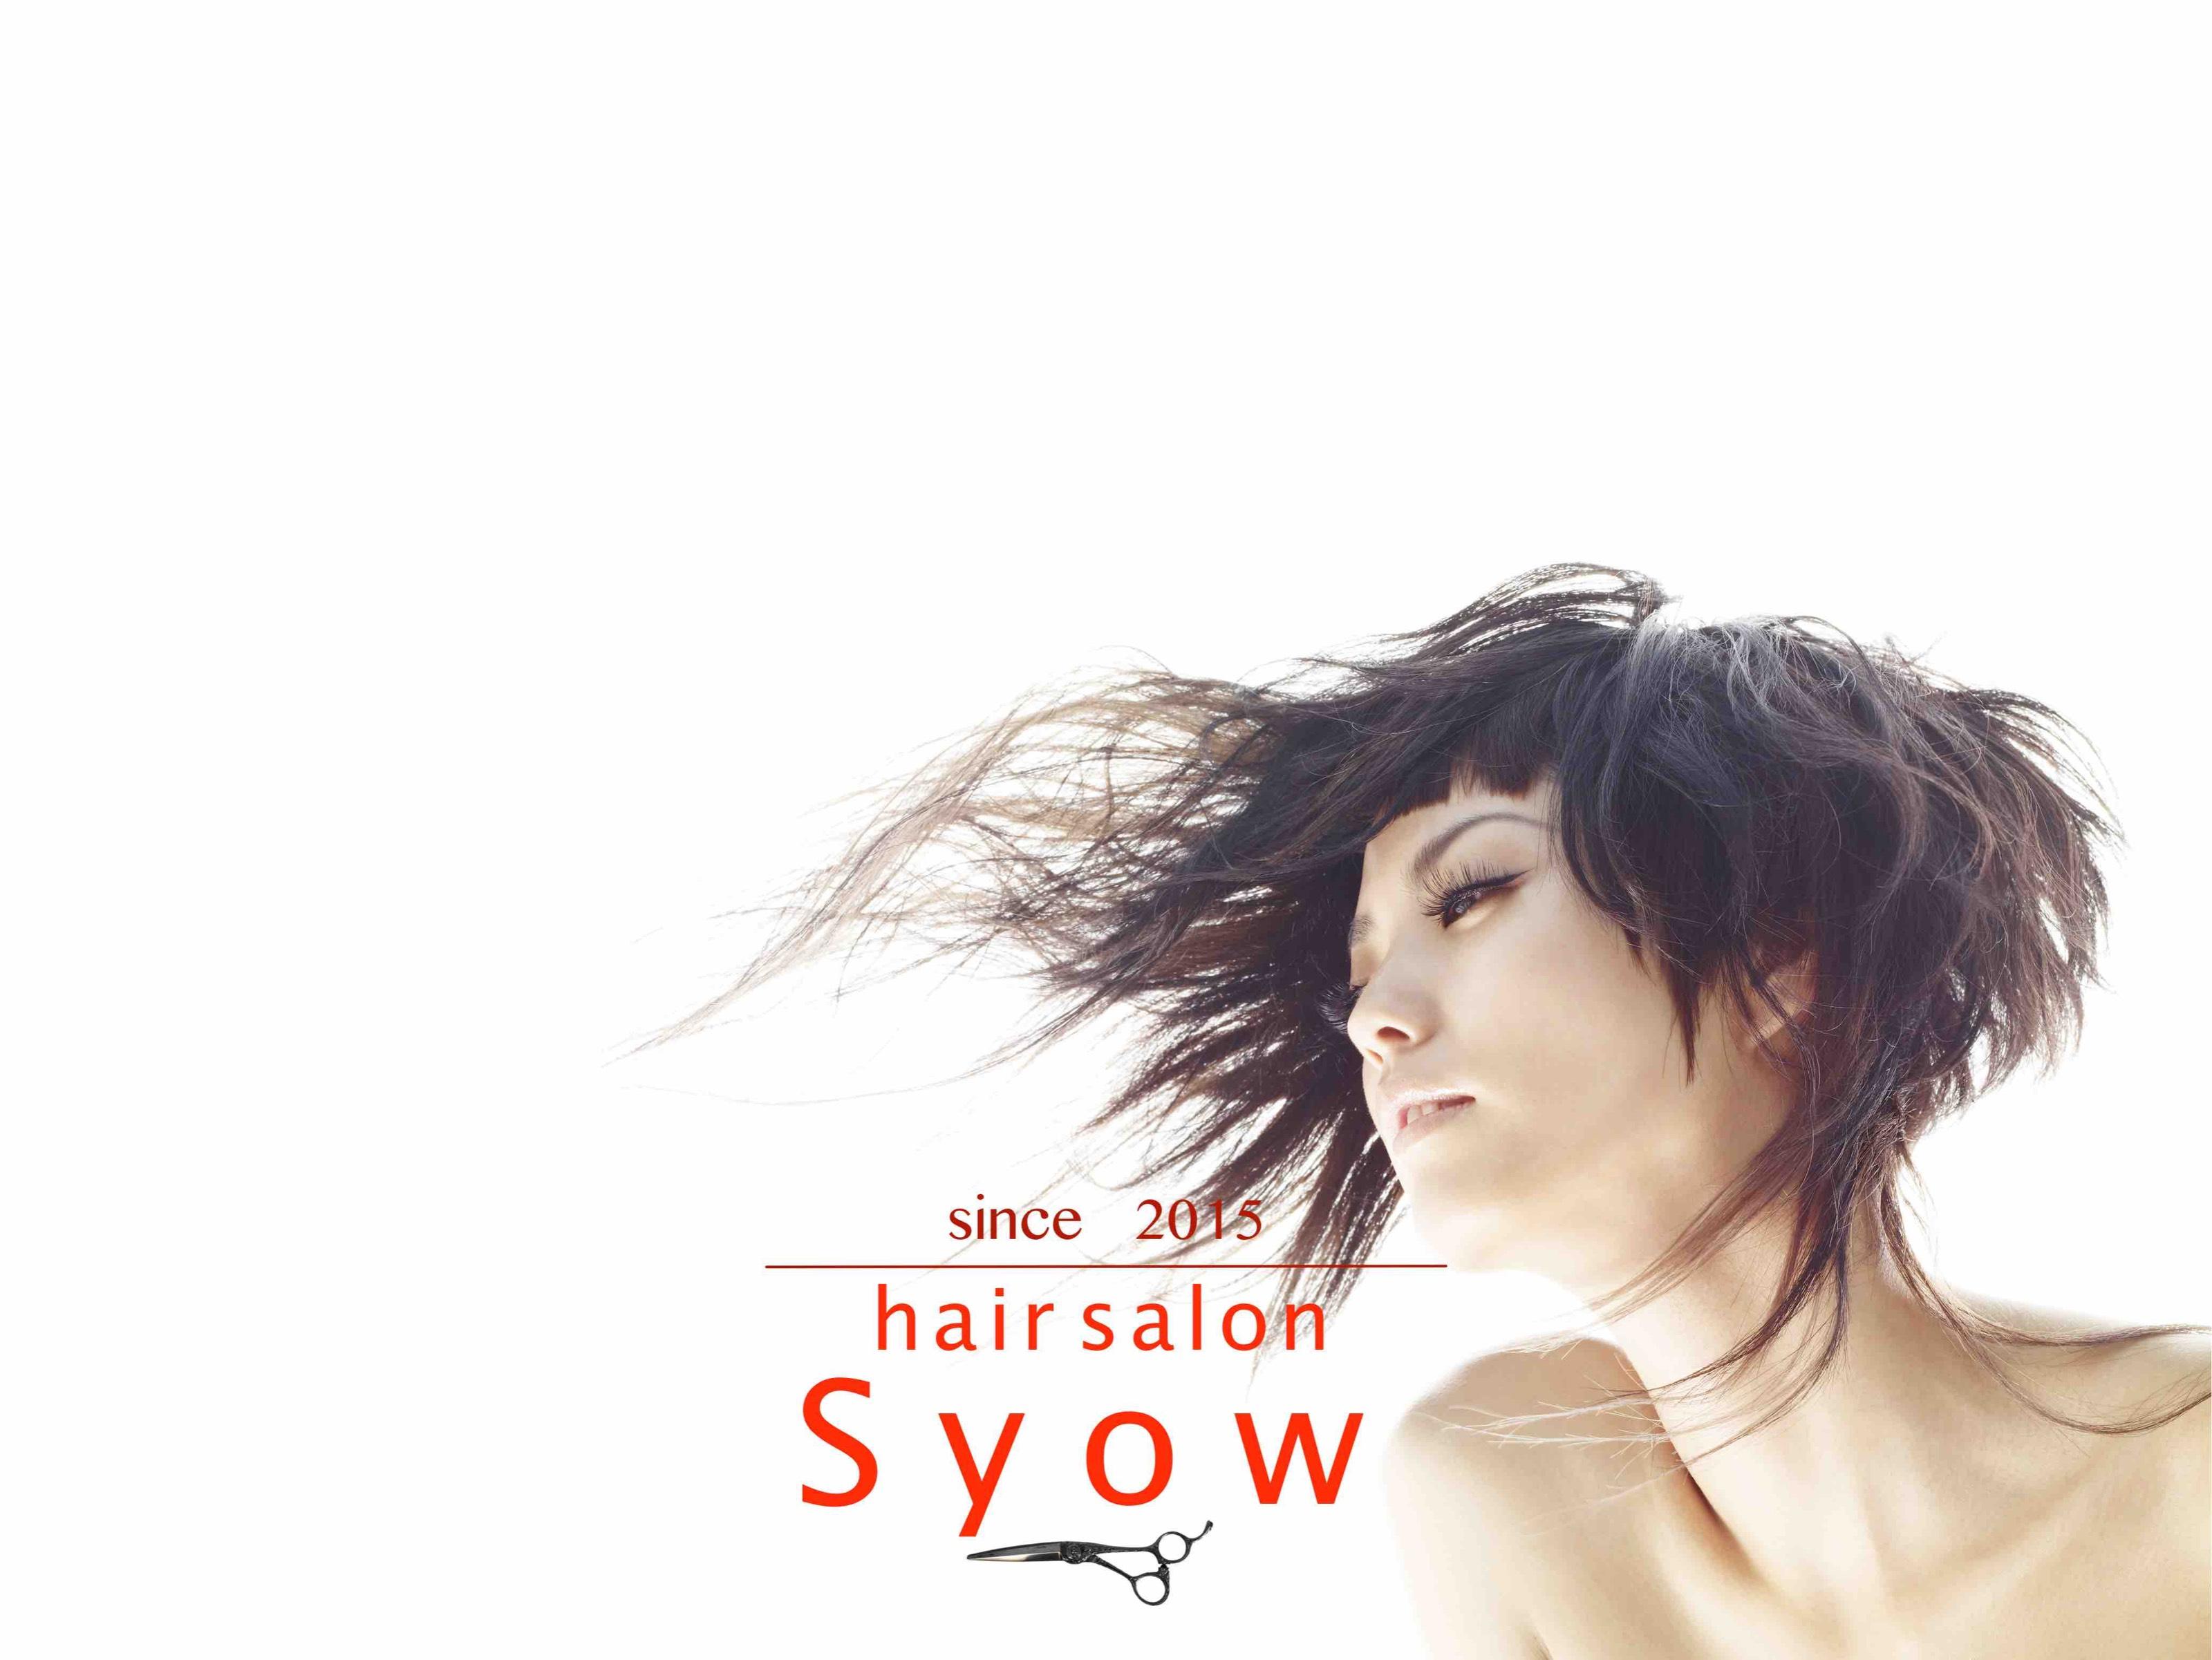 hair salon Syow